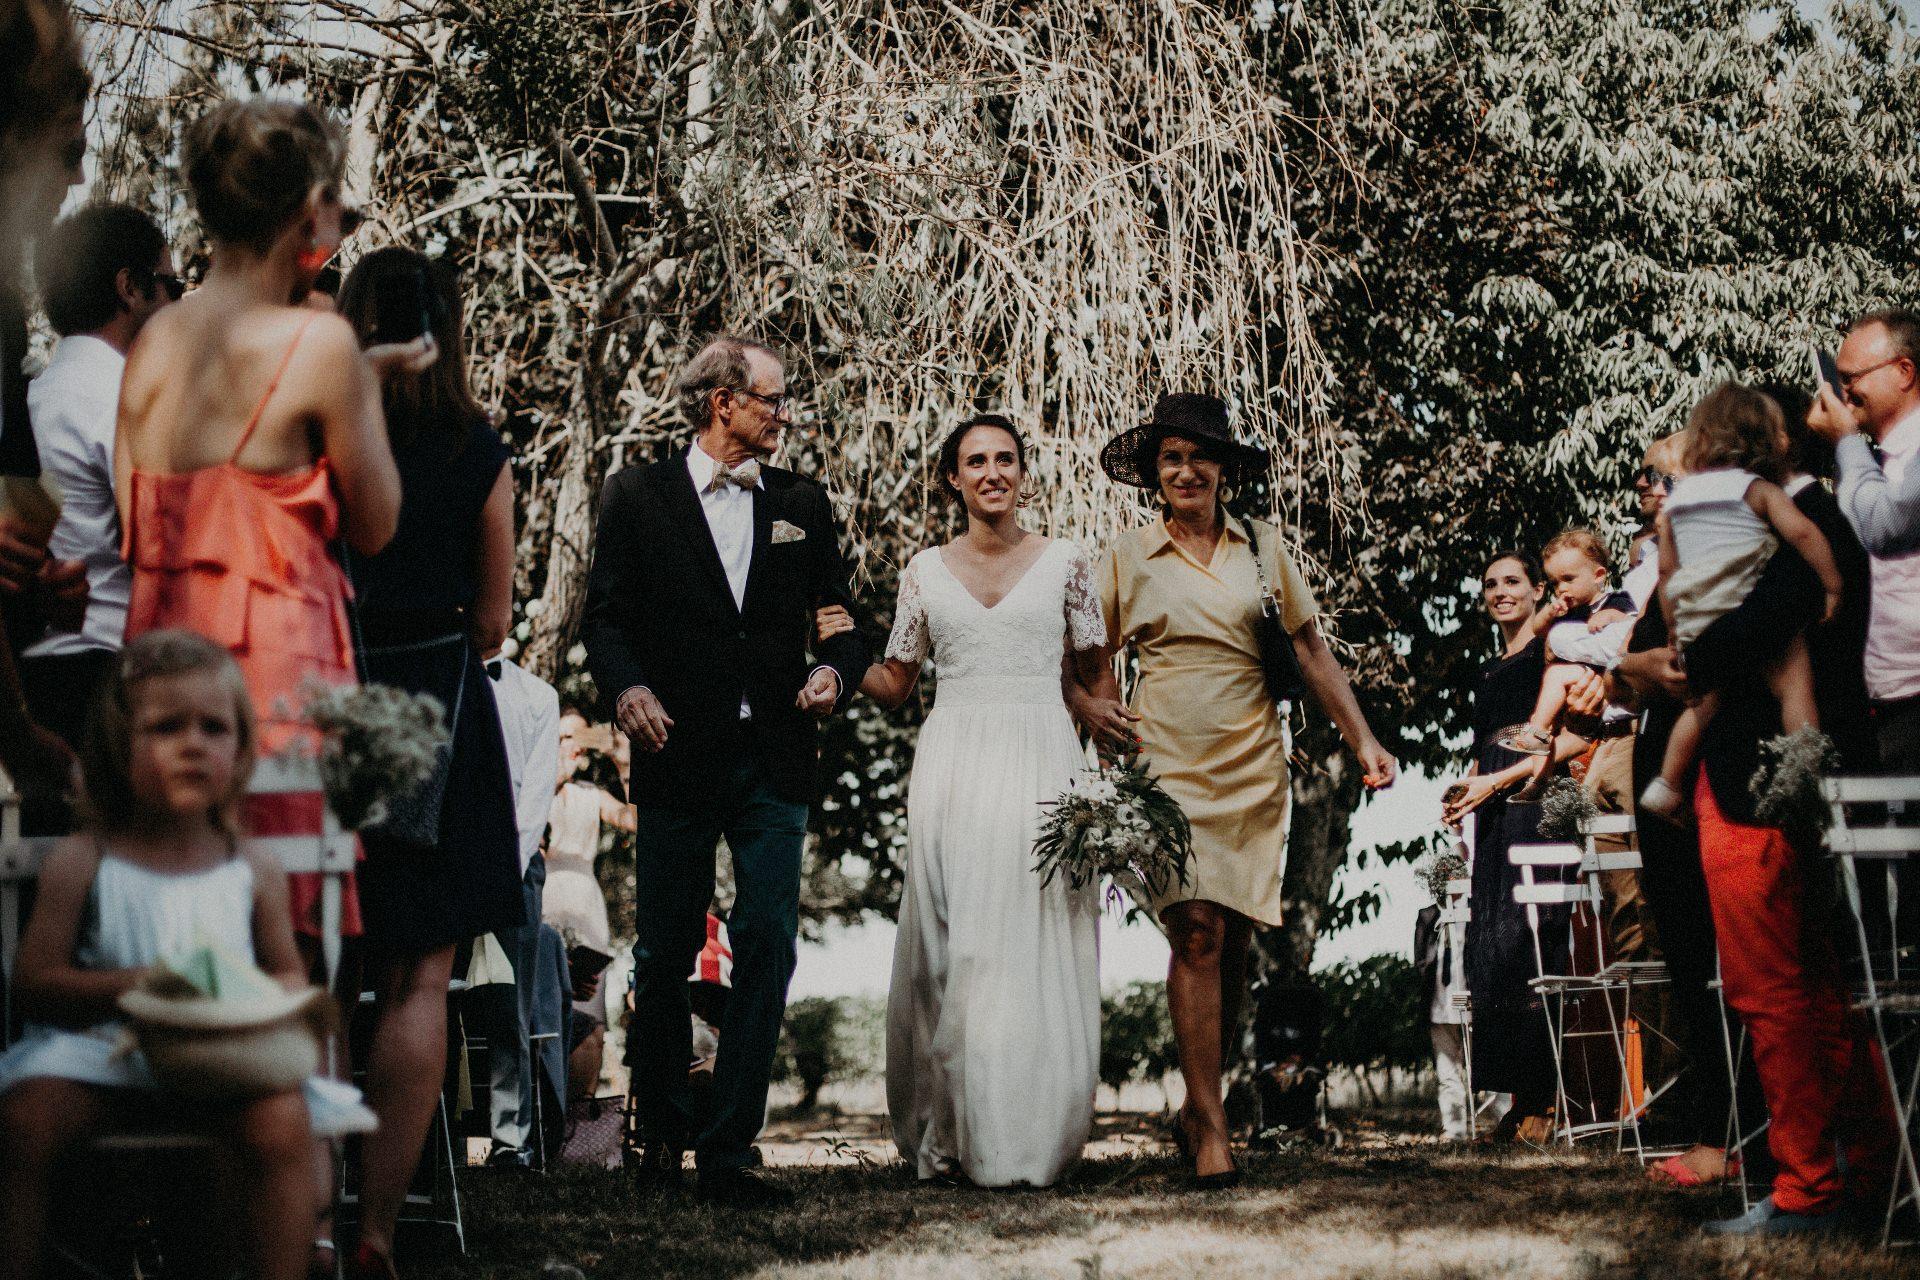 photographe-mariage-bordeaux-38.jpg